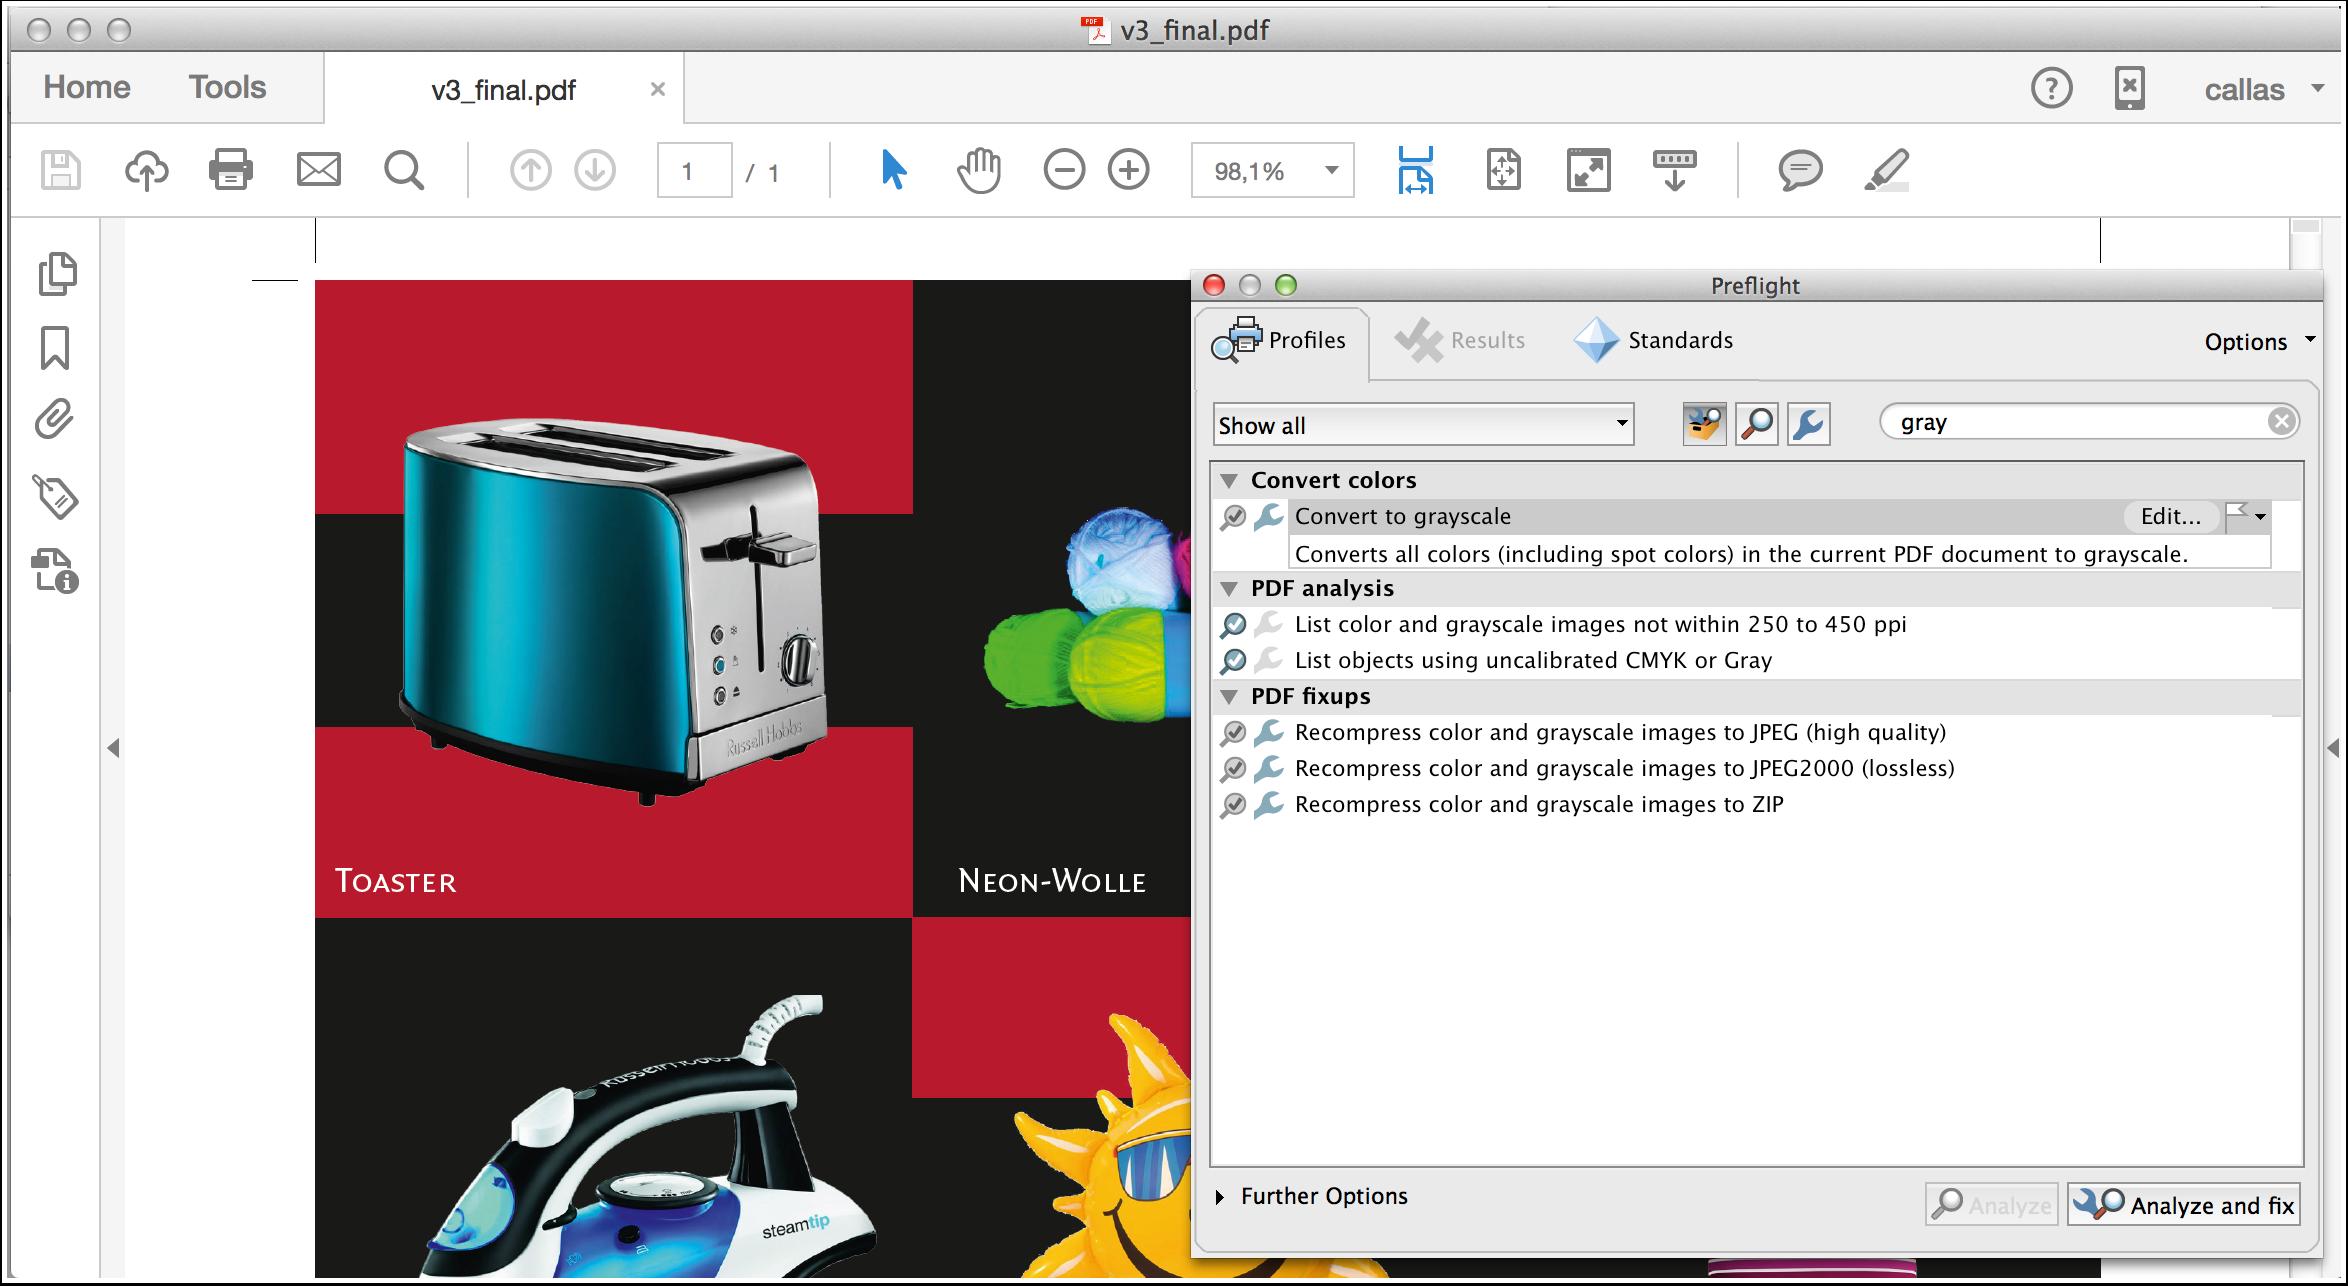 Process a PDF